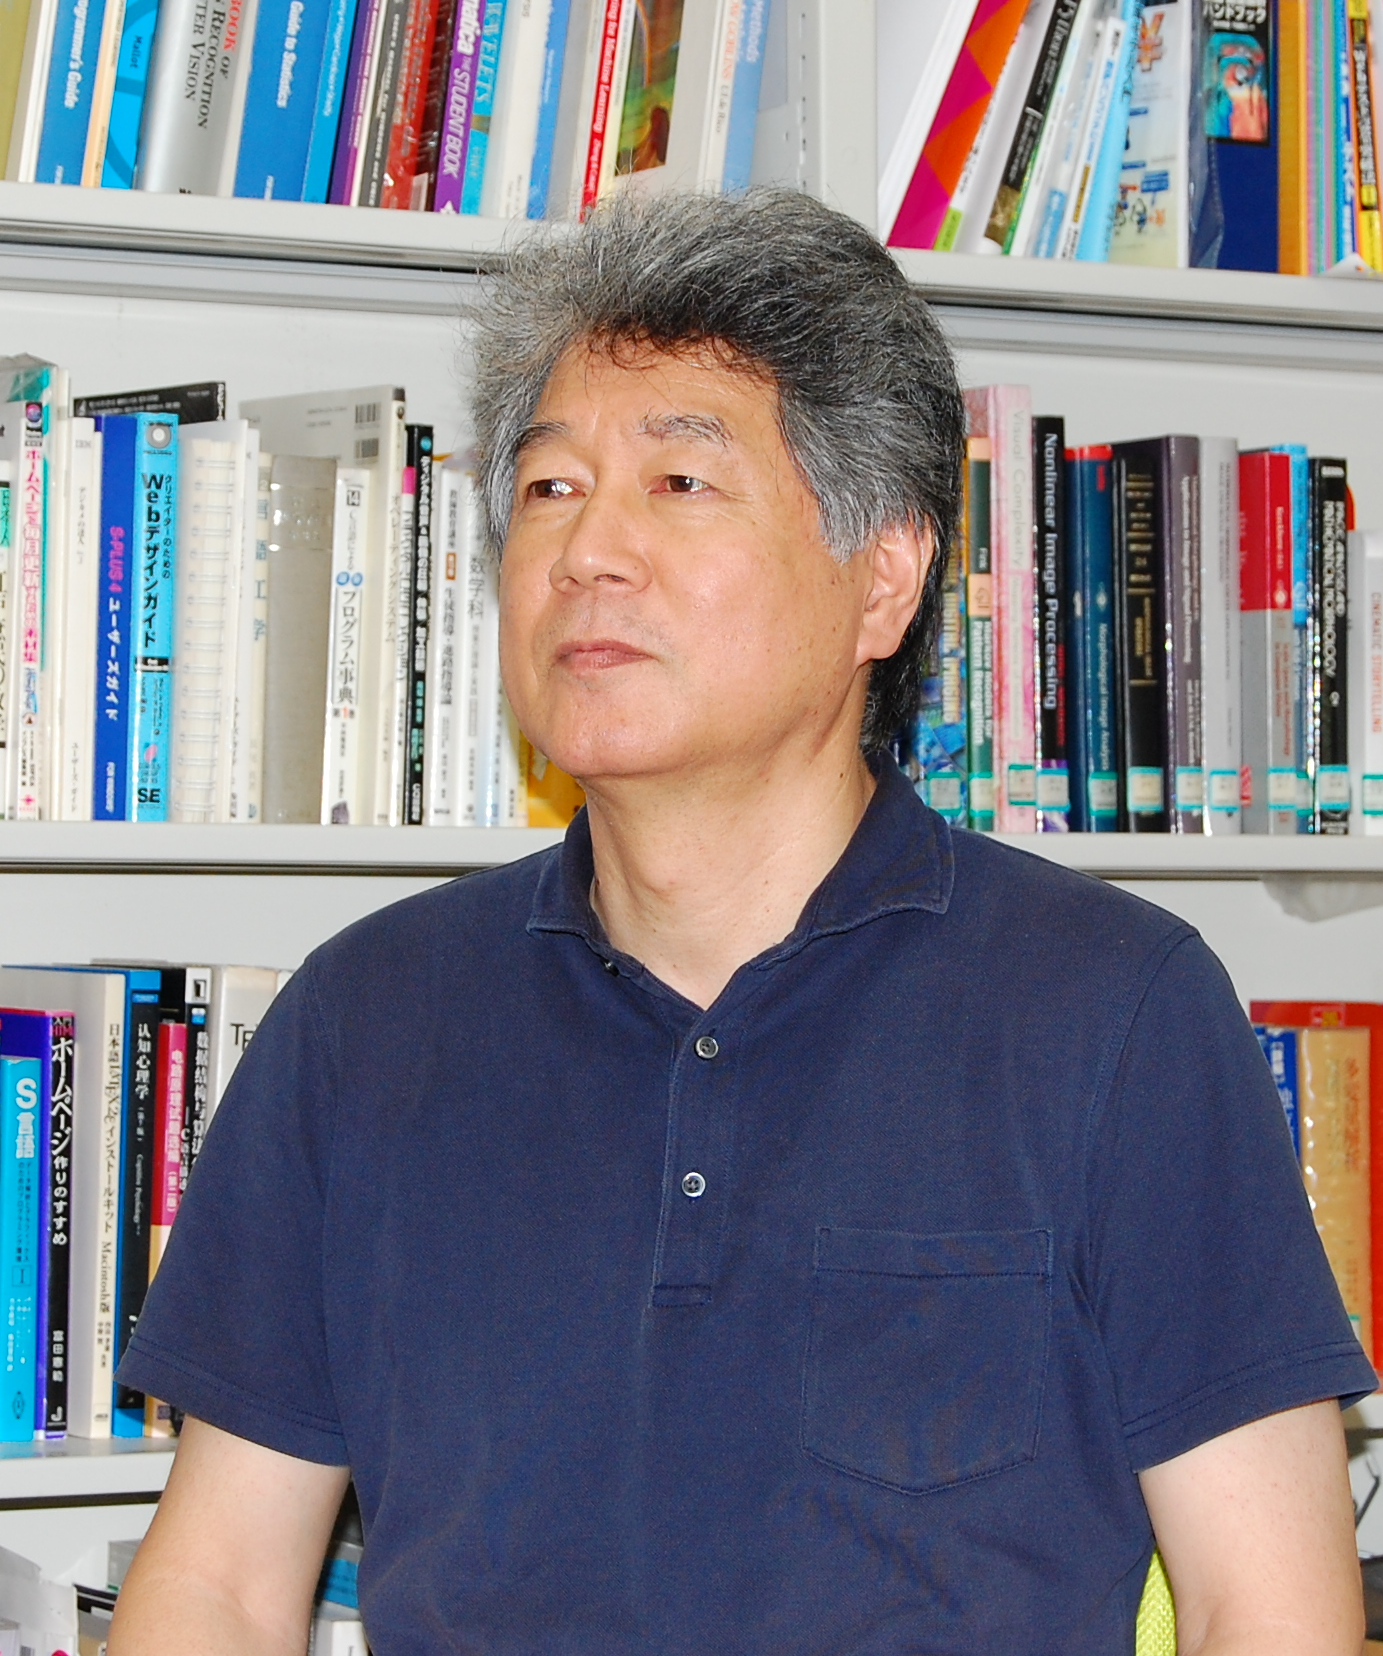 AI・データイノベーション教育研究センターAI部門長 栗田多喜夫